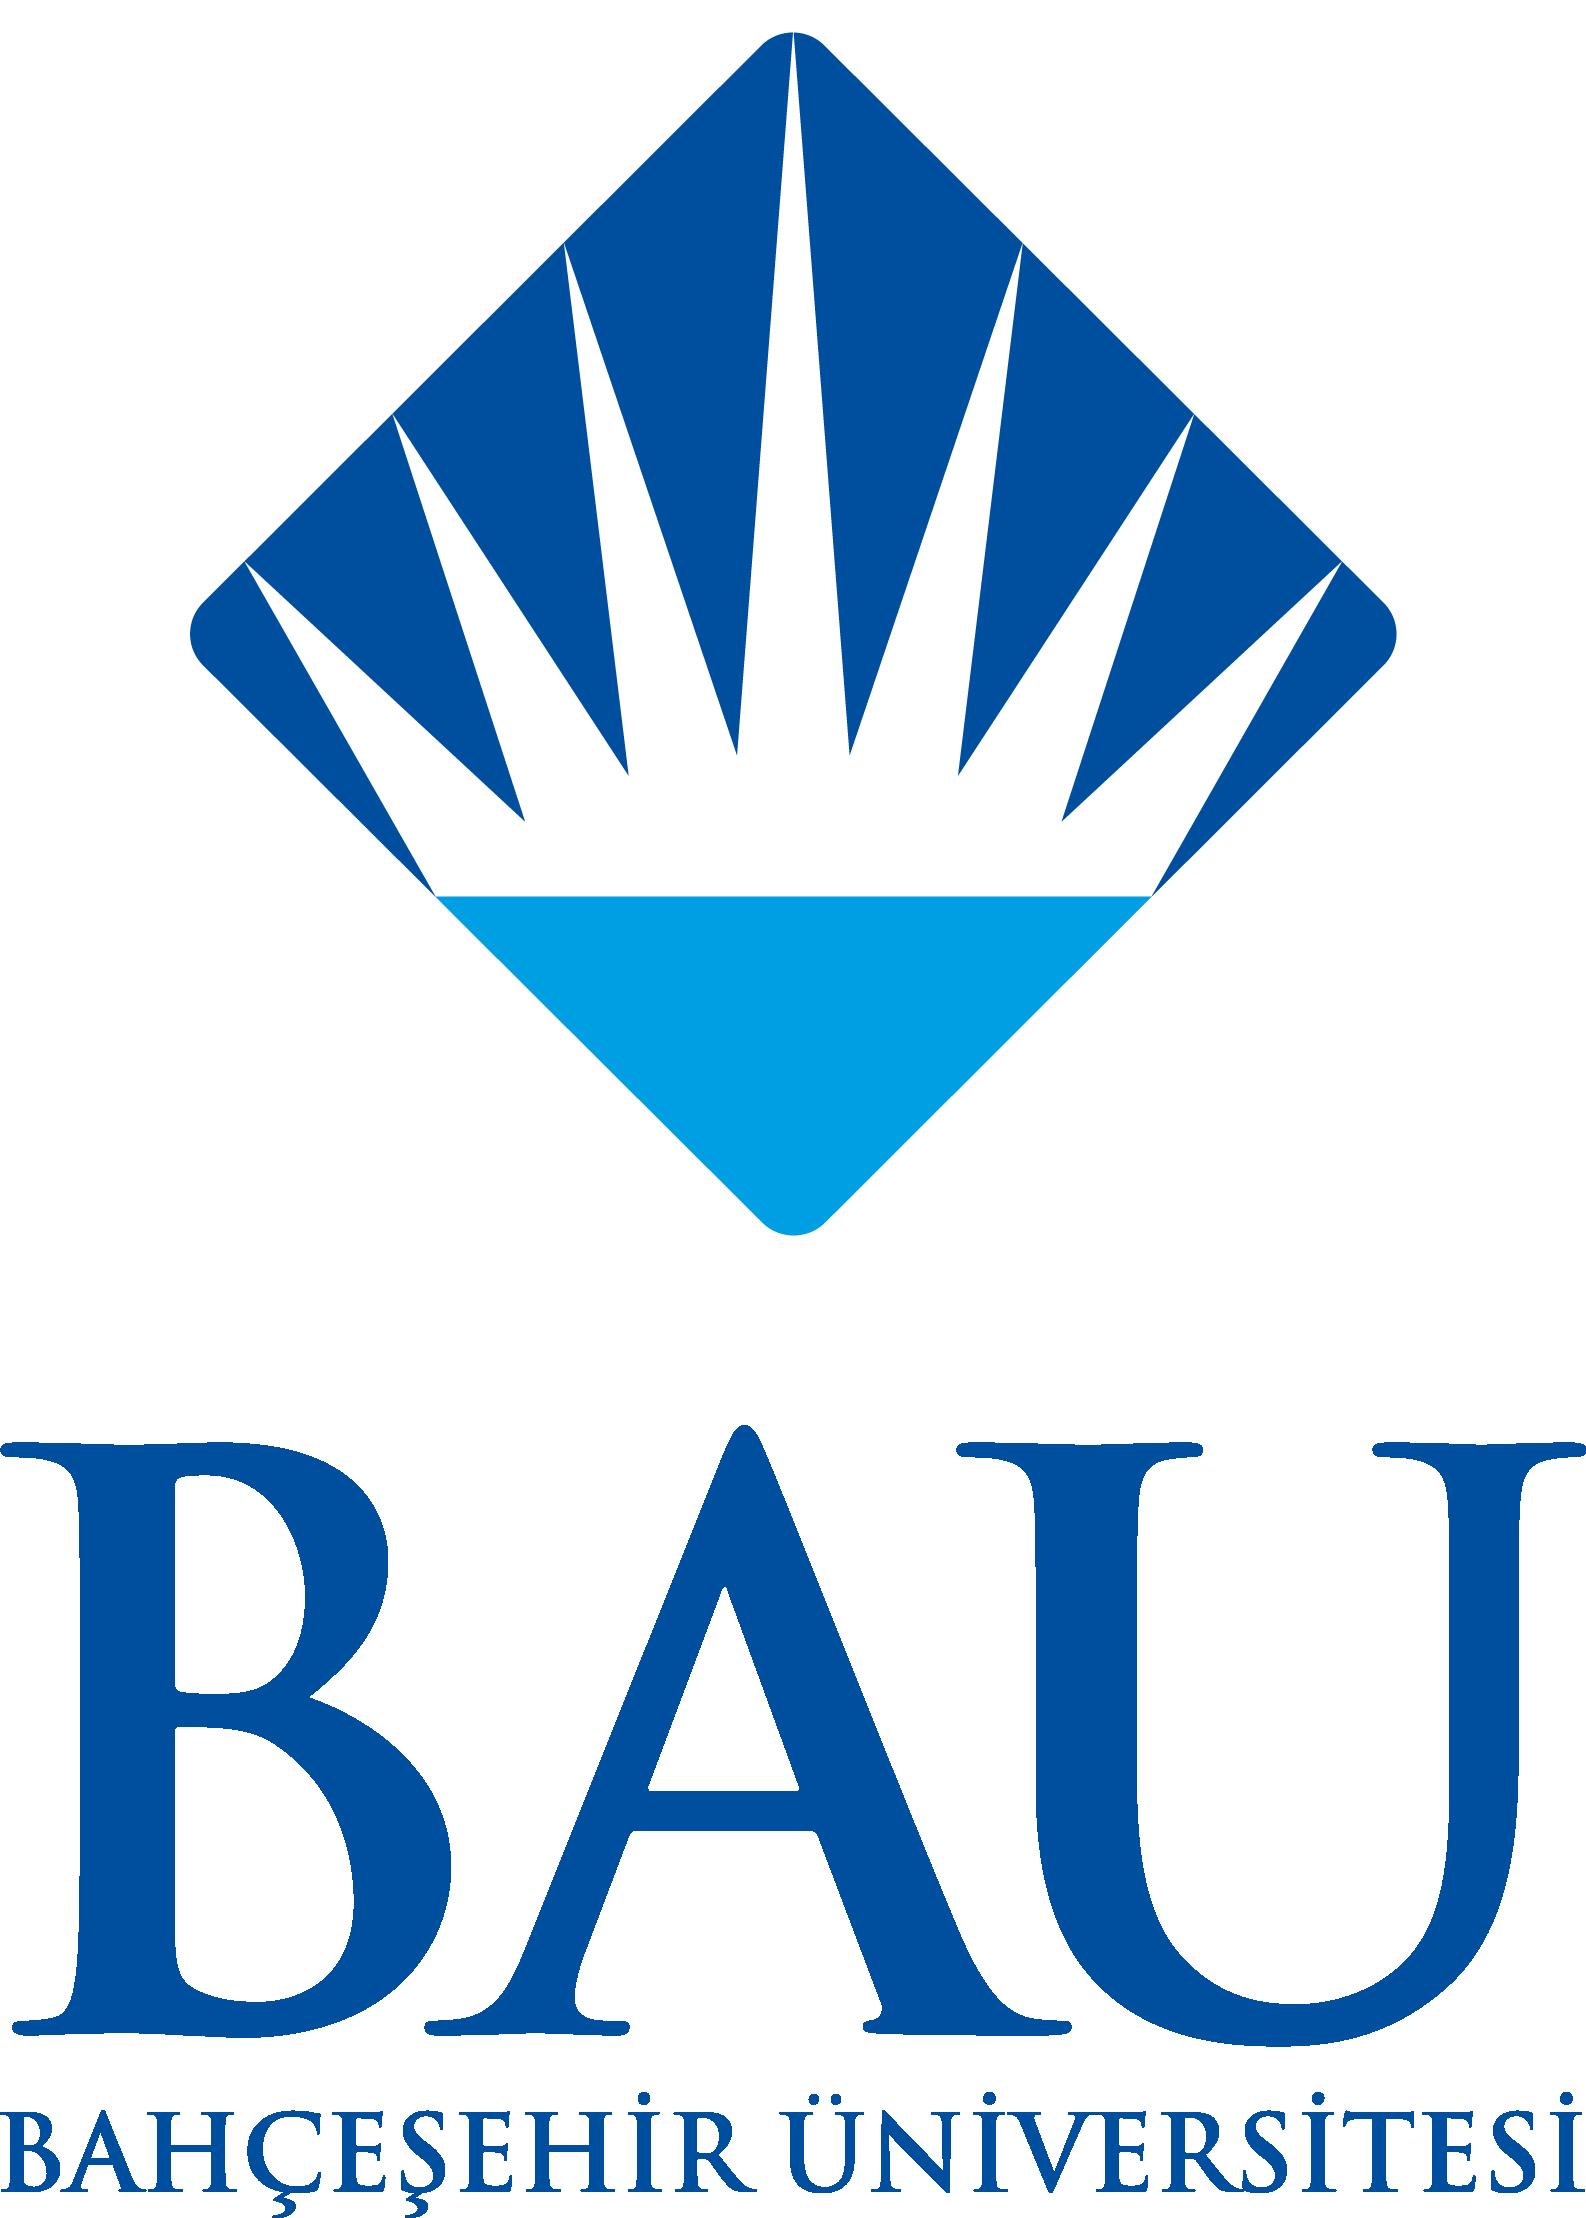 BAU u2013 Bahçeşehir Ünive - Wordpress Logo Clipart